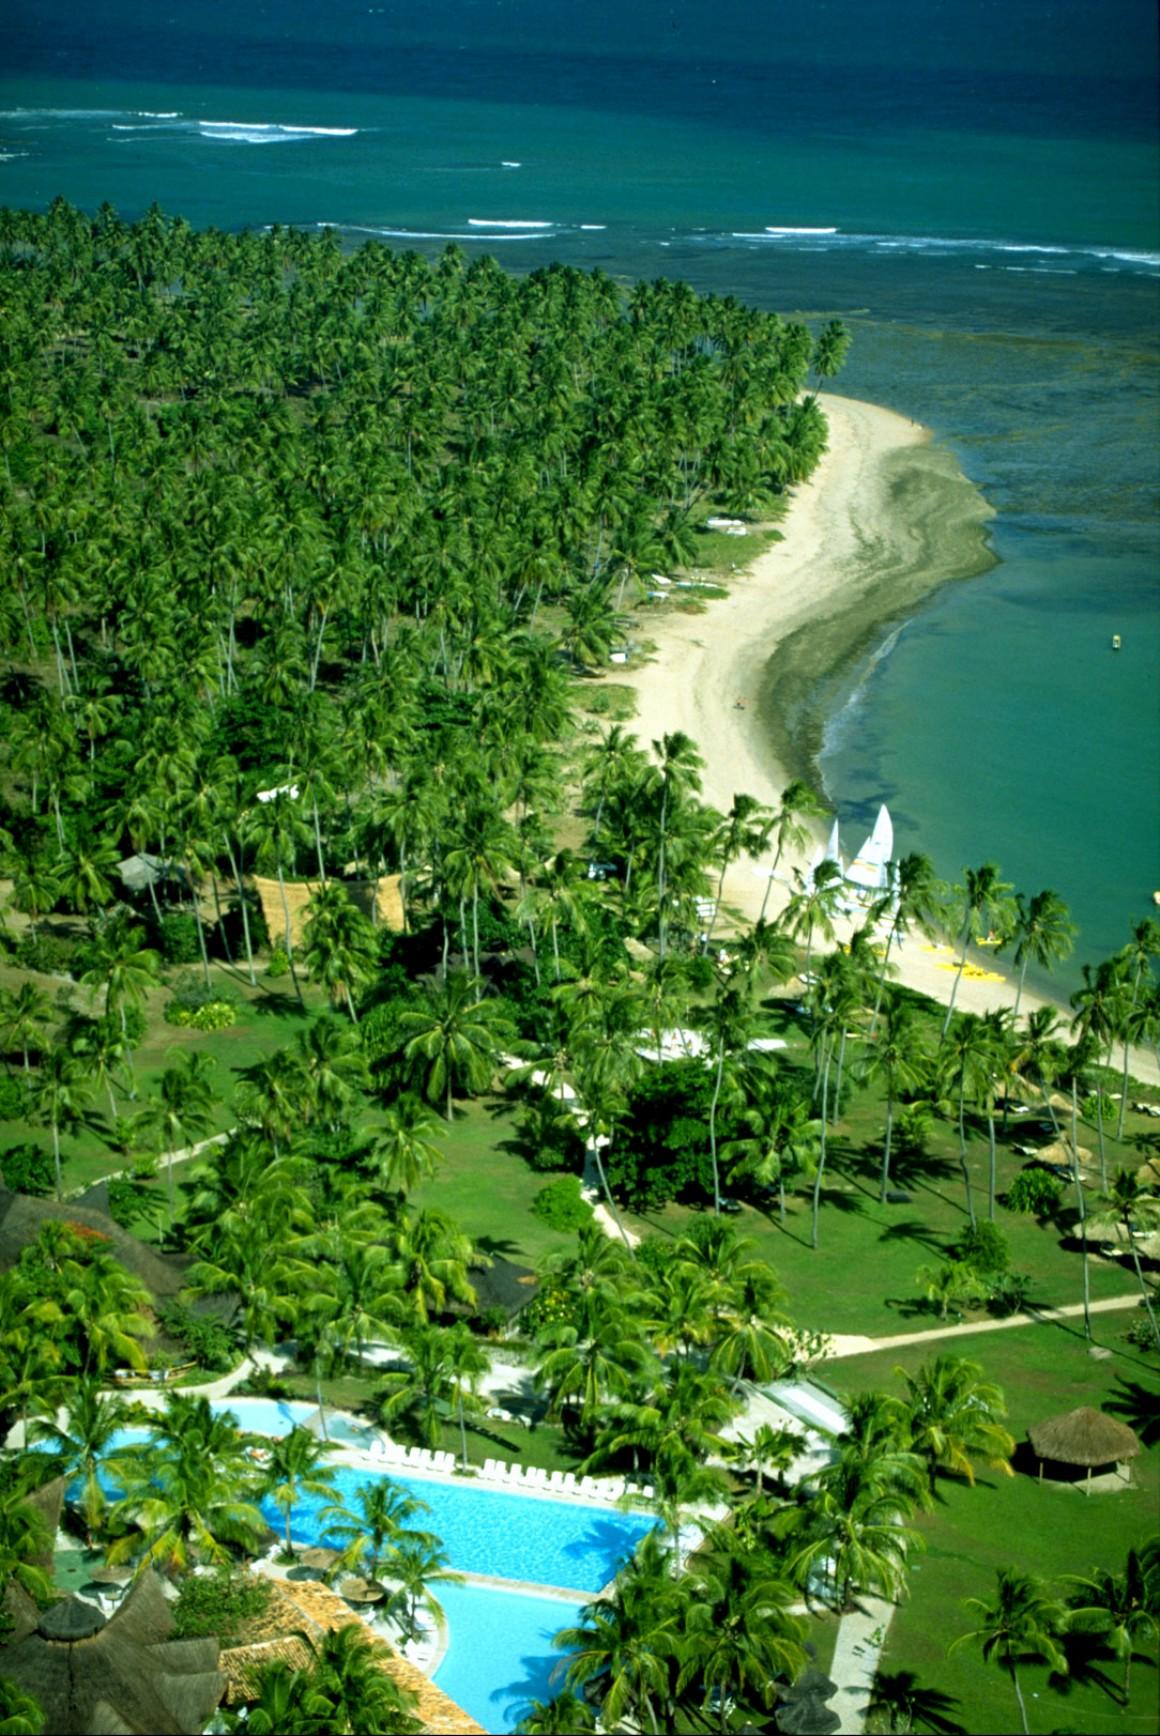 Melhor hotel familiar e spa resort - Tivoli Ecoresort Praia do Forte (Salvador da Baía, Brasil)